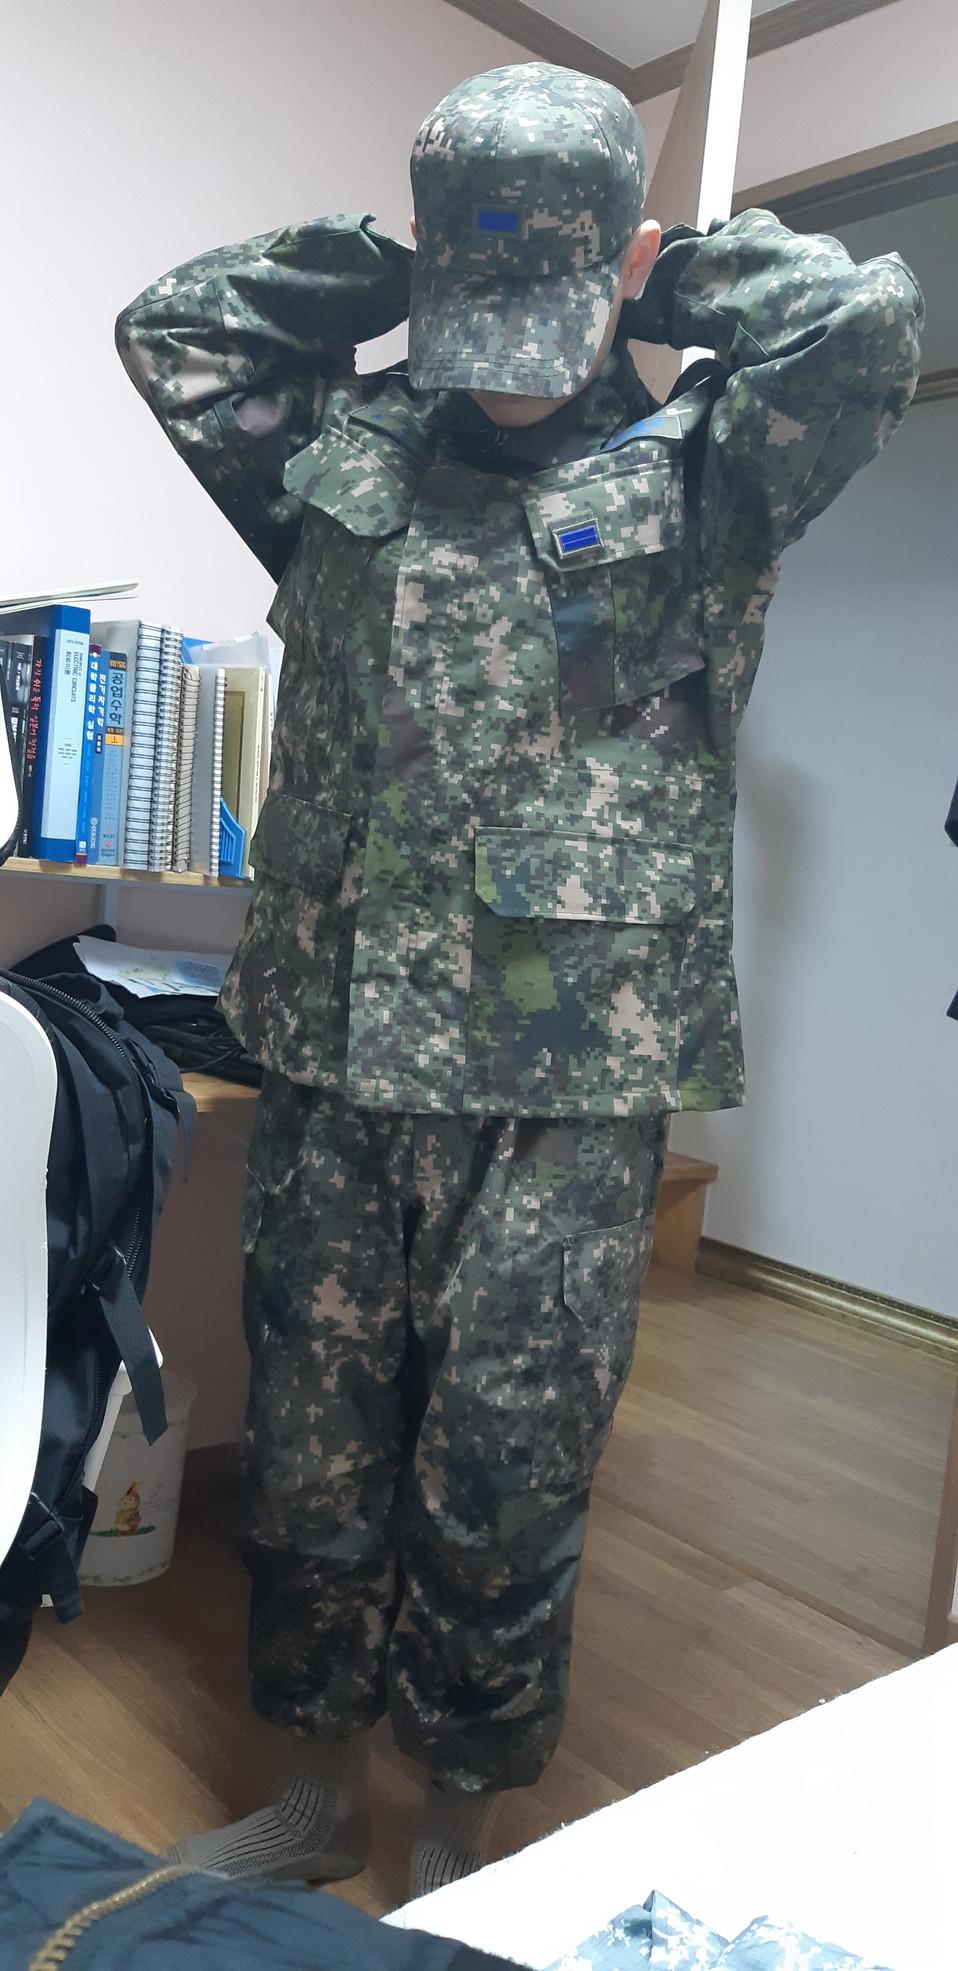 코로나로 인해 조기복귀명령을 받은 친구가 군복을 입으며 귀영하는 모습입니다.